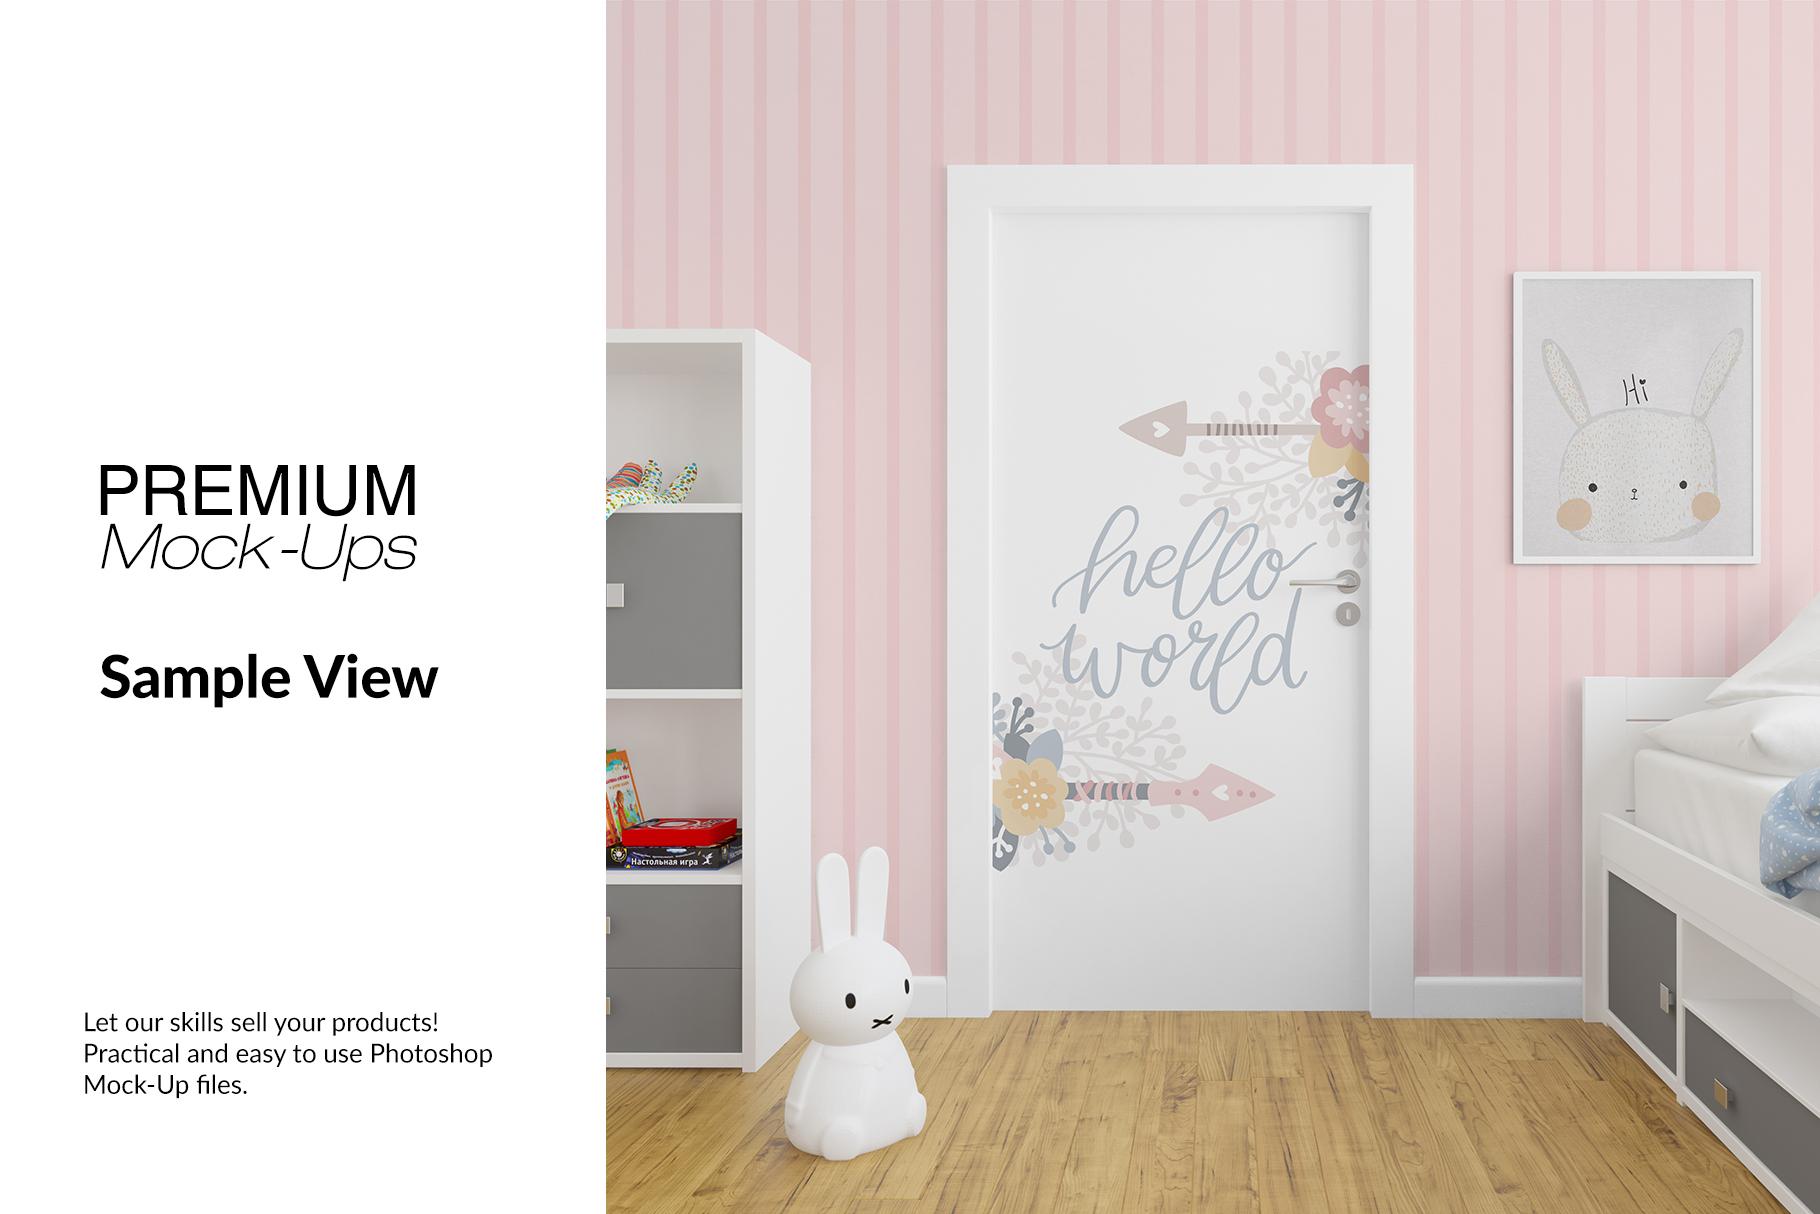 Door Murals in Nursery Set example image 7